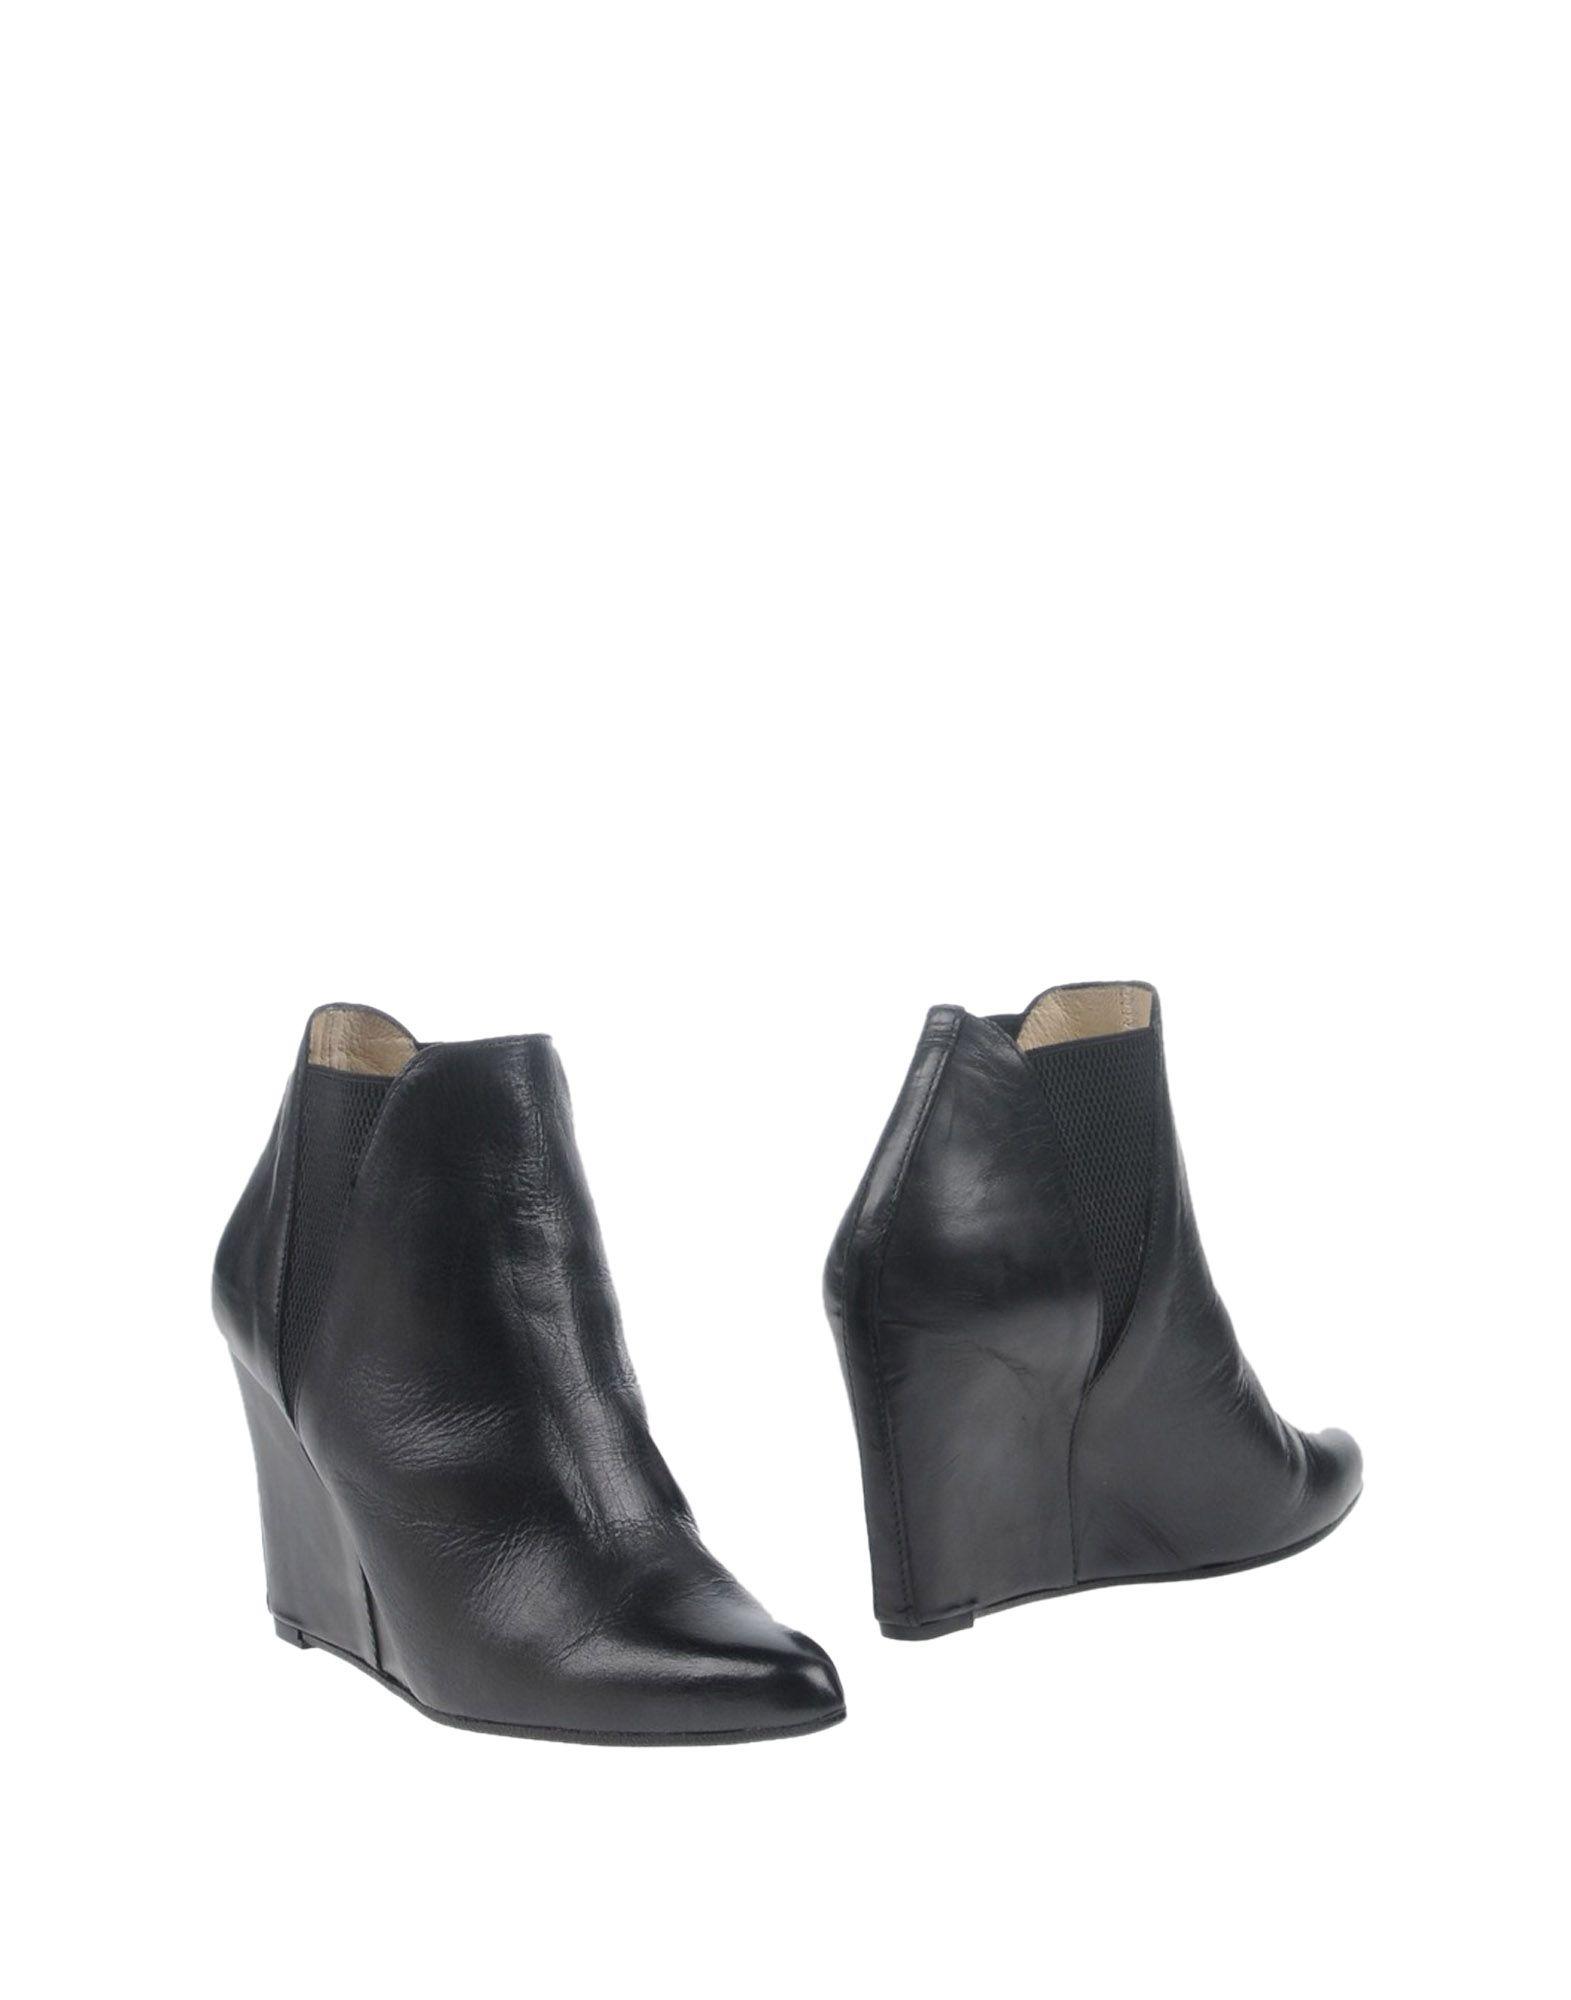 Ivylee Copenhagen Chelsea Boots Schuhe Damen  11254536LK Neue Schuhe Boots b3de79